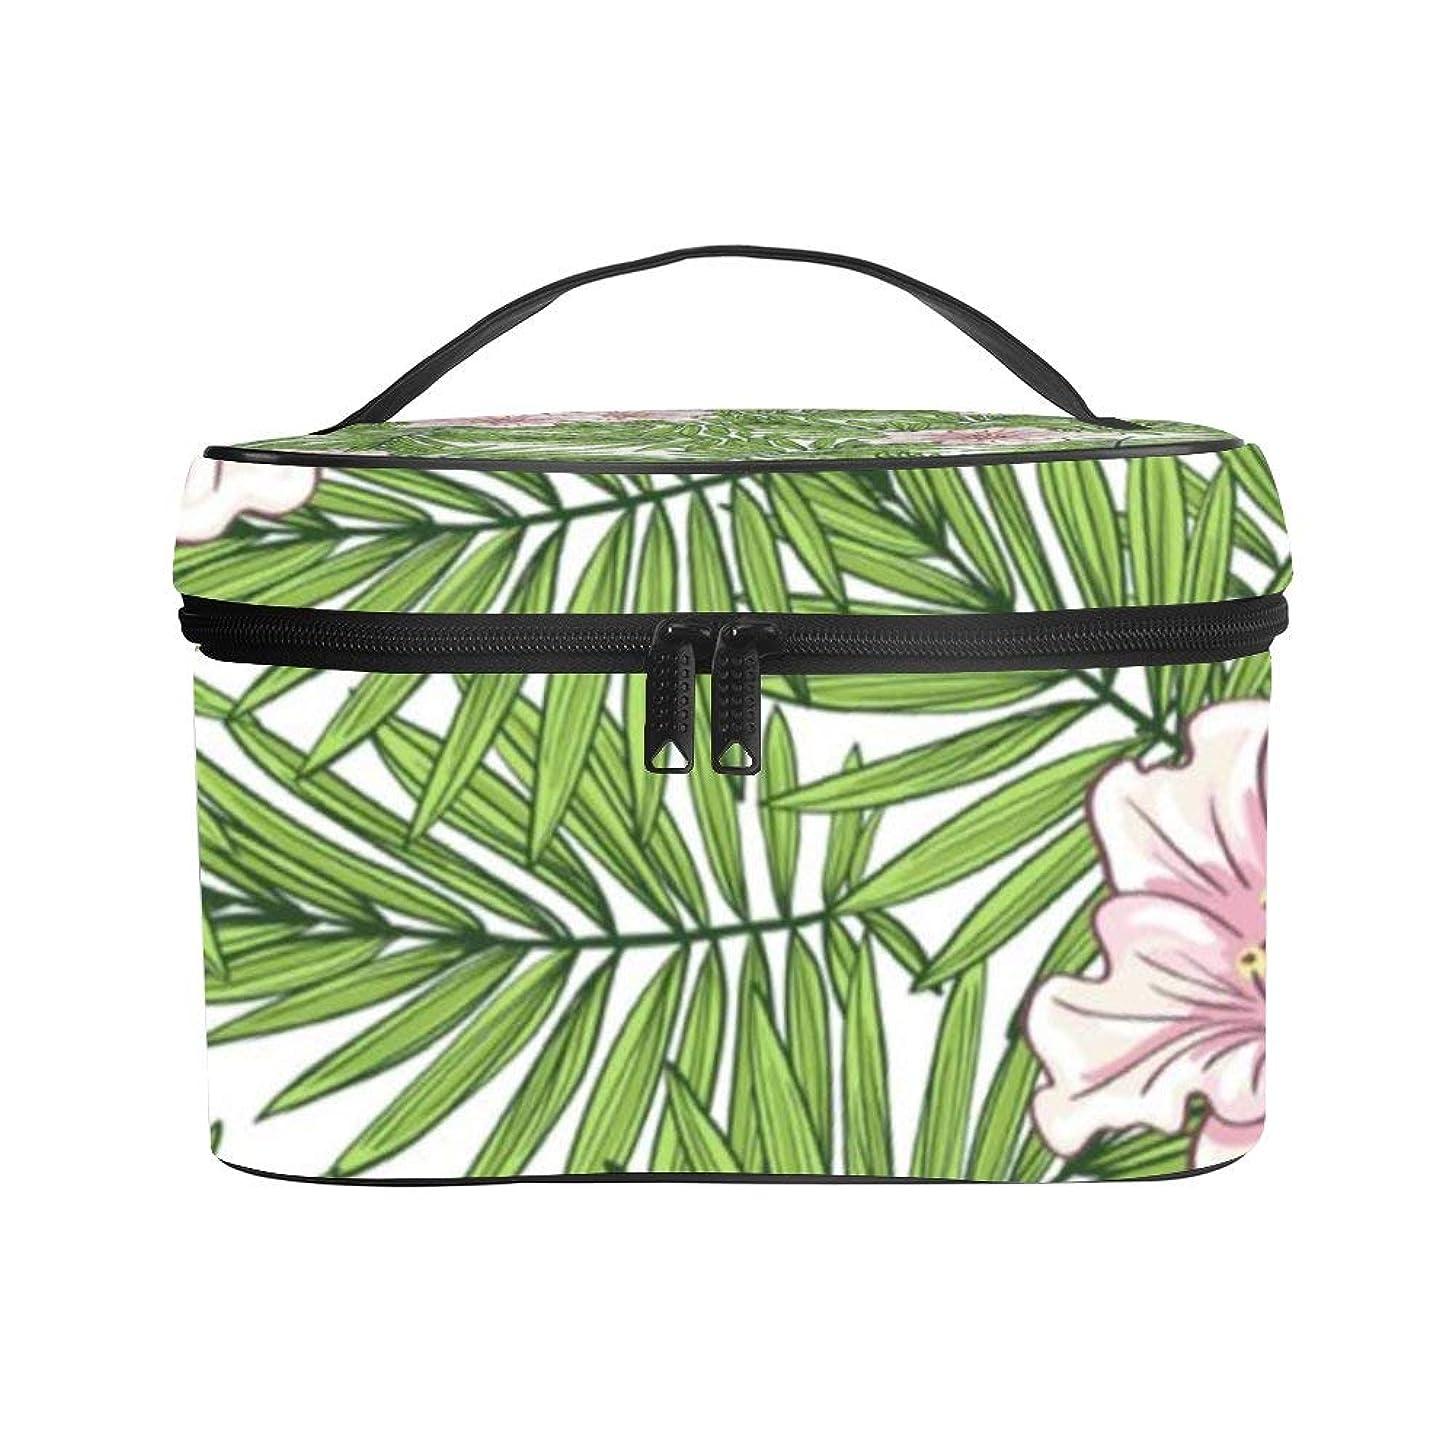 植生神のコントラストメイクぼっくす PUレザー コスメボックス バニティポーチ アロハ ハワイのヤシの葉 花柄 化粧ボックス メイクブラシバッグ トラベルバッグ 人気 かわいい 大容量 機能的